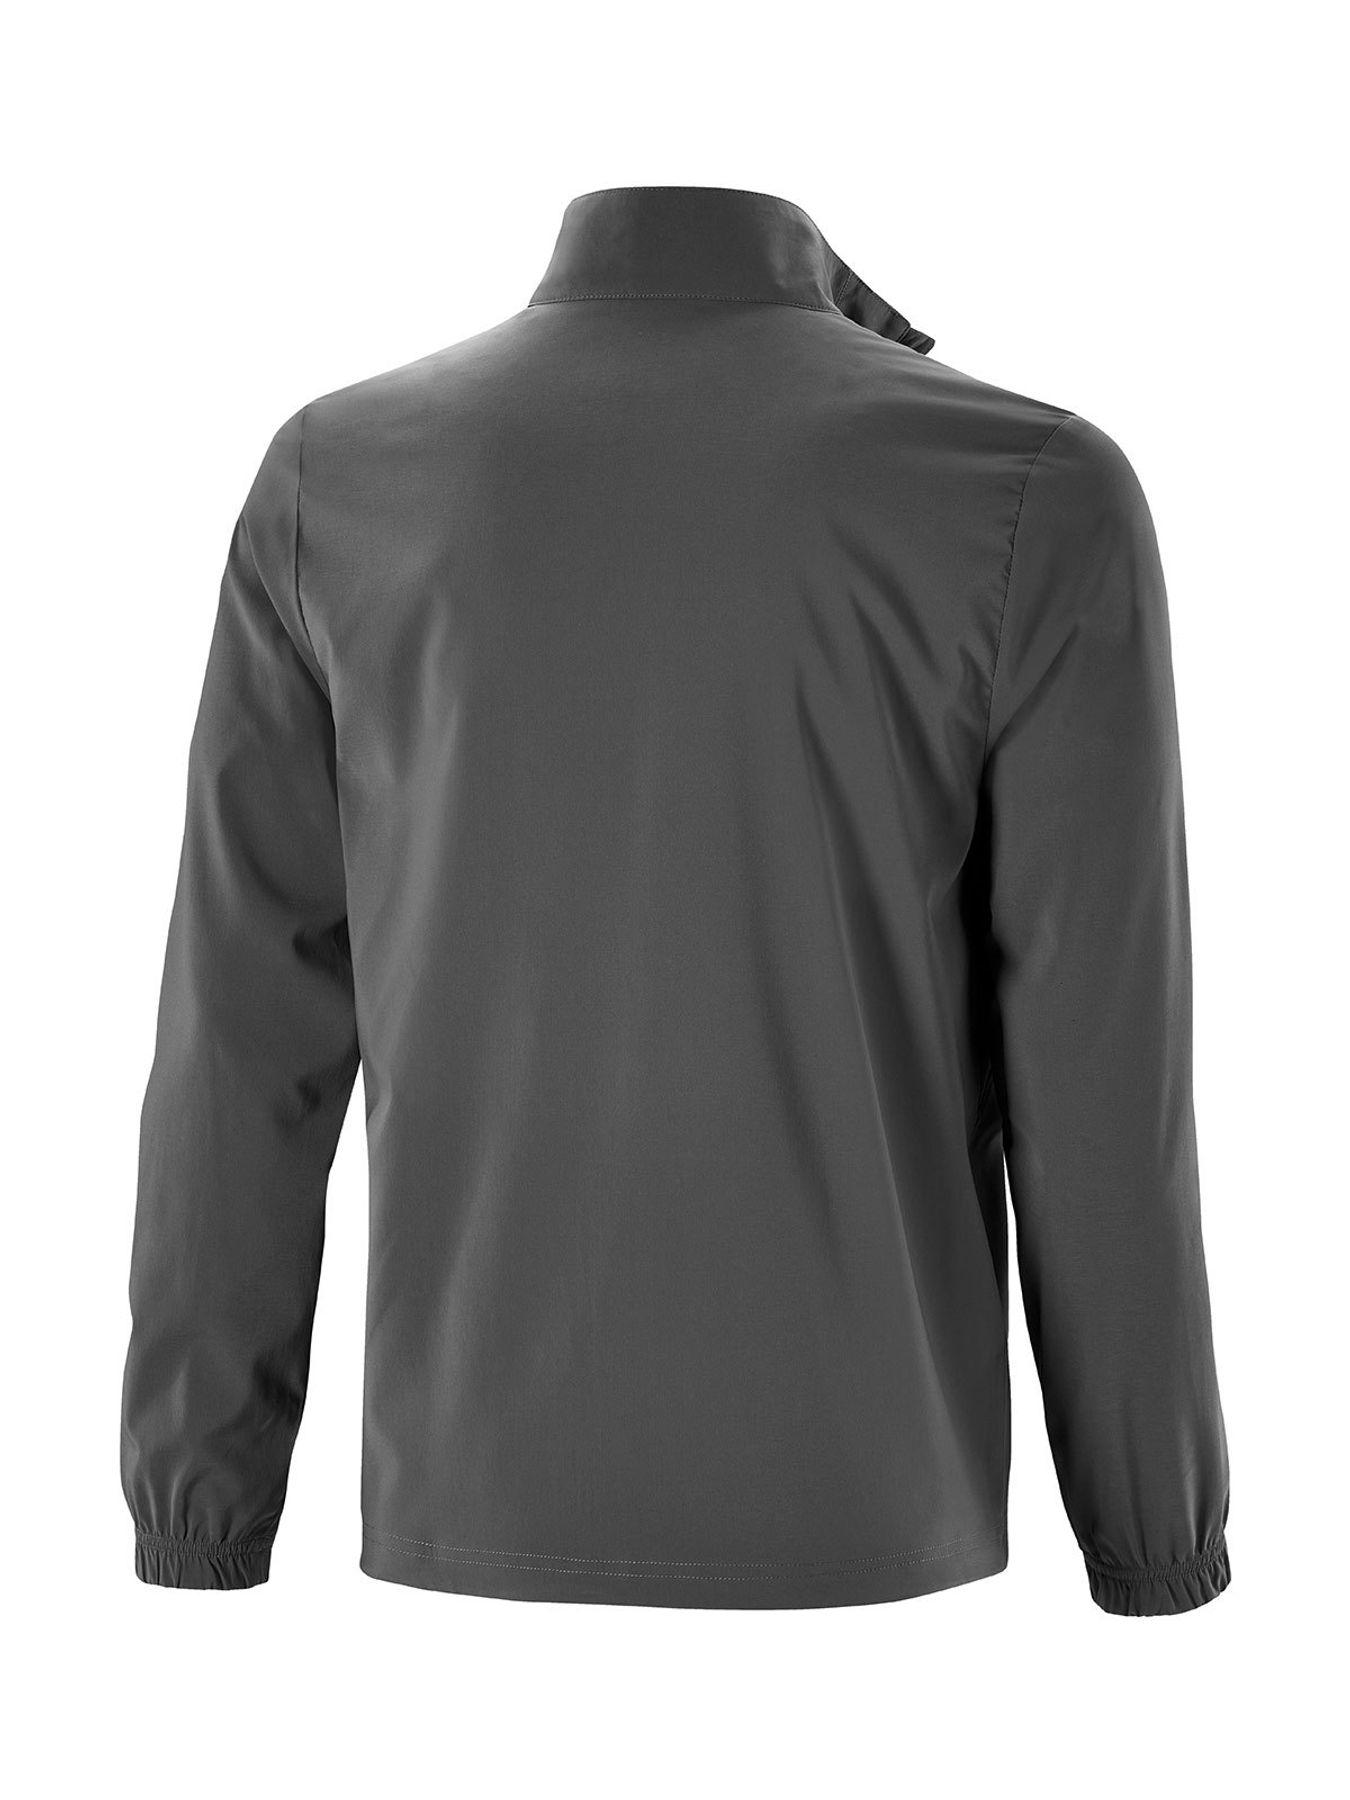 Joy - Herren Sport und Freizeit Jacke aus Stretch-Gewebe, Keith (40184) – Bild 3